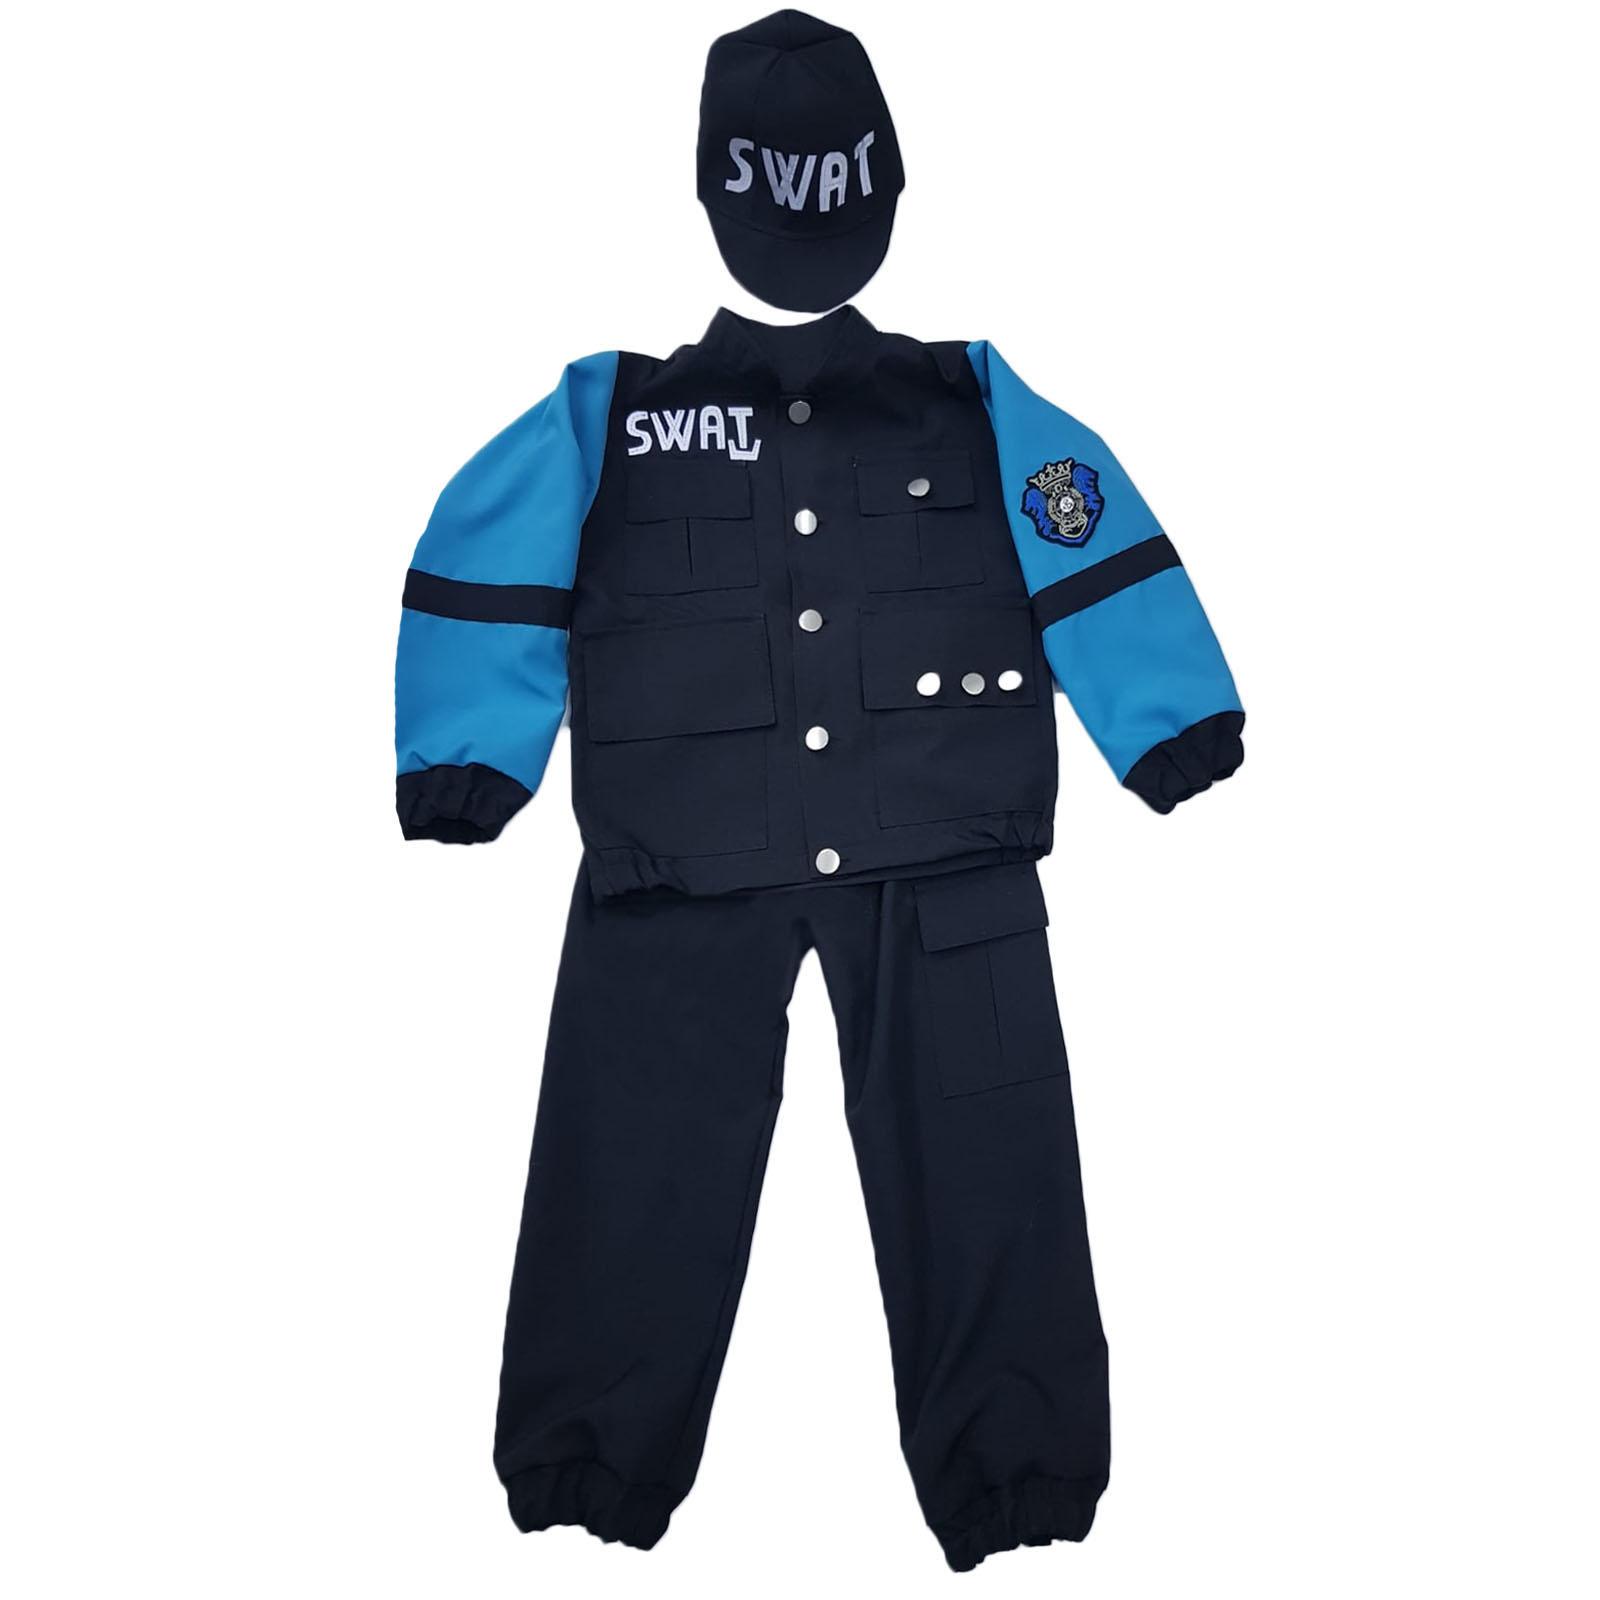 Costum SWAT pentru copii